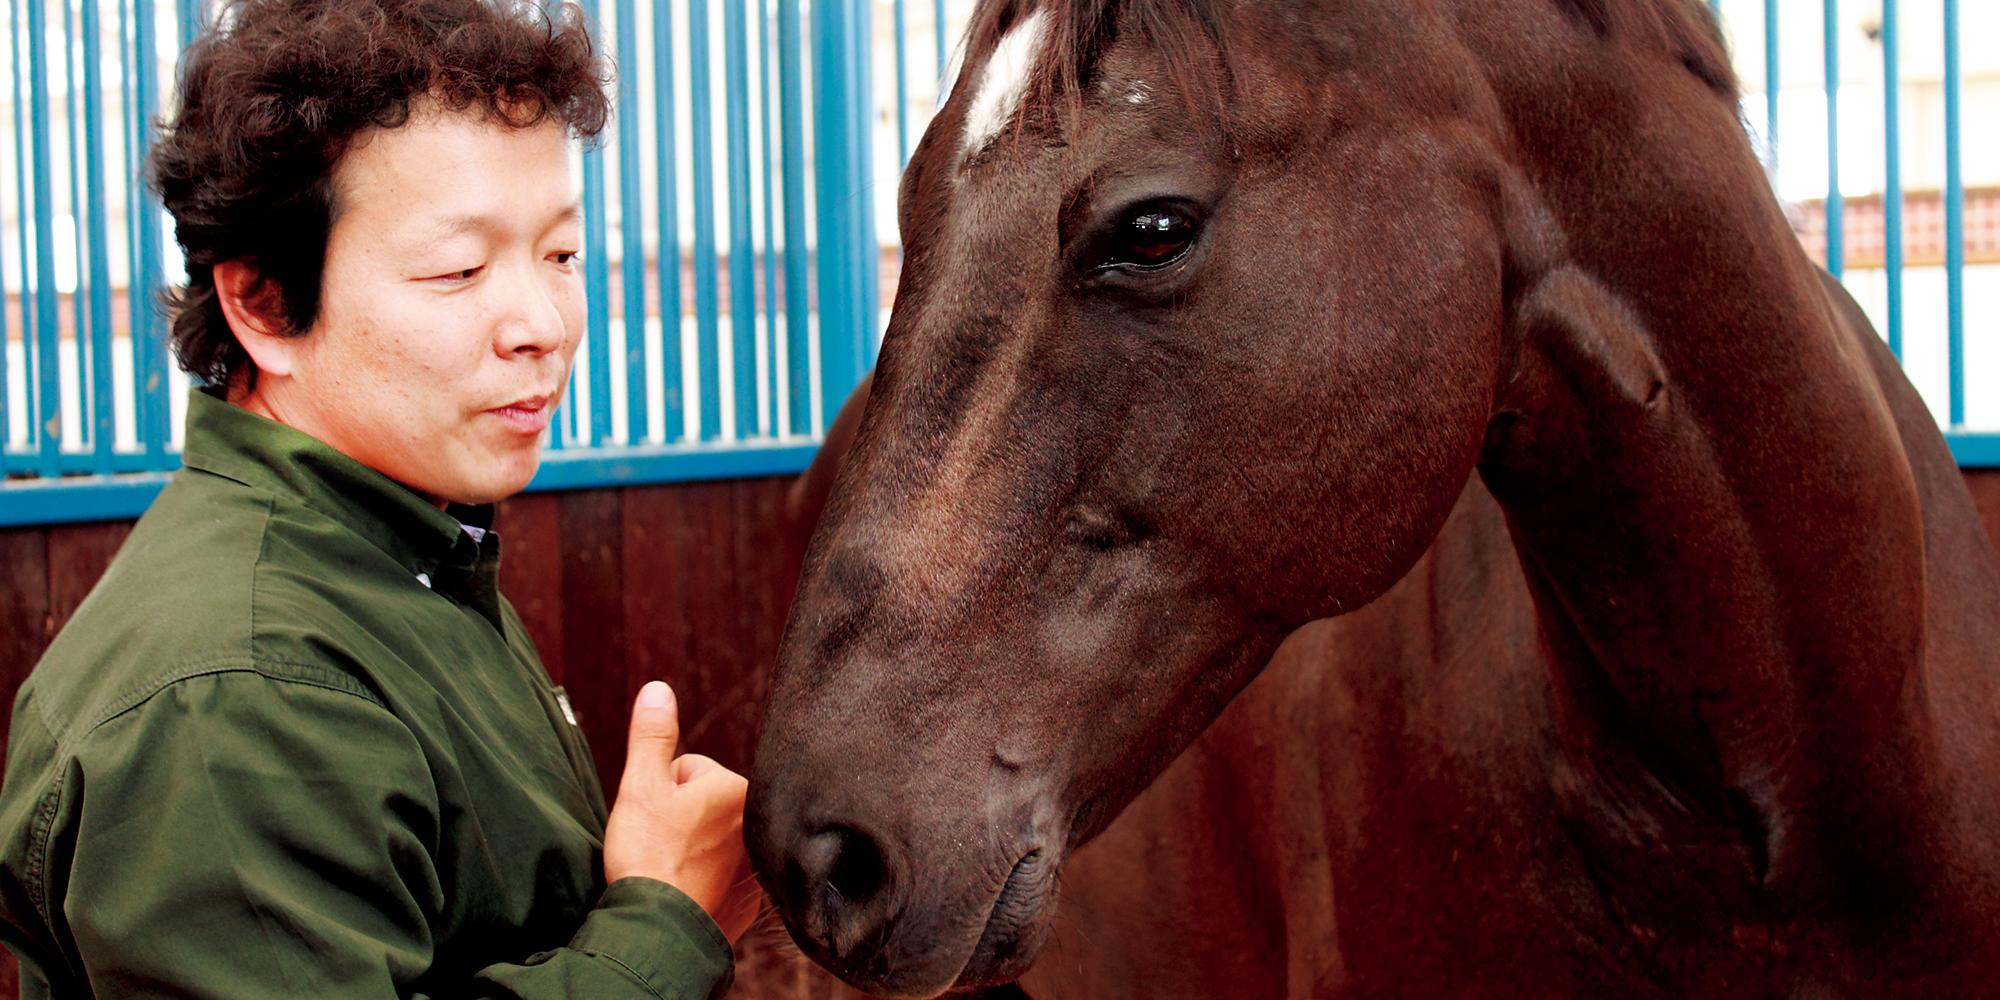 ホースクリニシャン・宮田朋典氏の共生メソッド03_厩舎での馬へのアプローチ